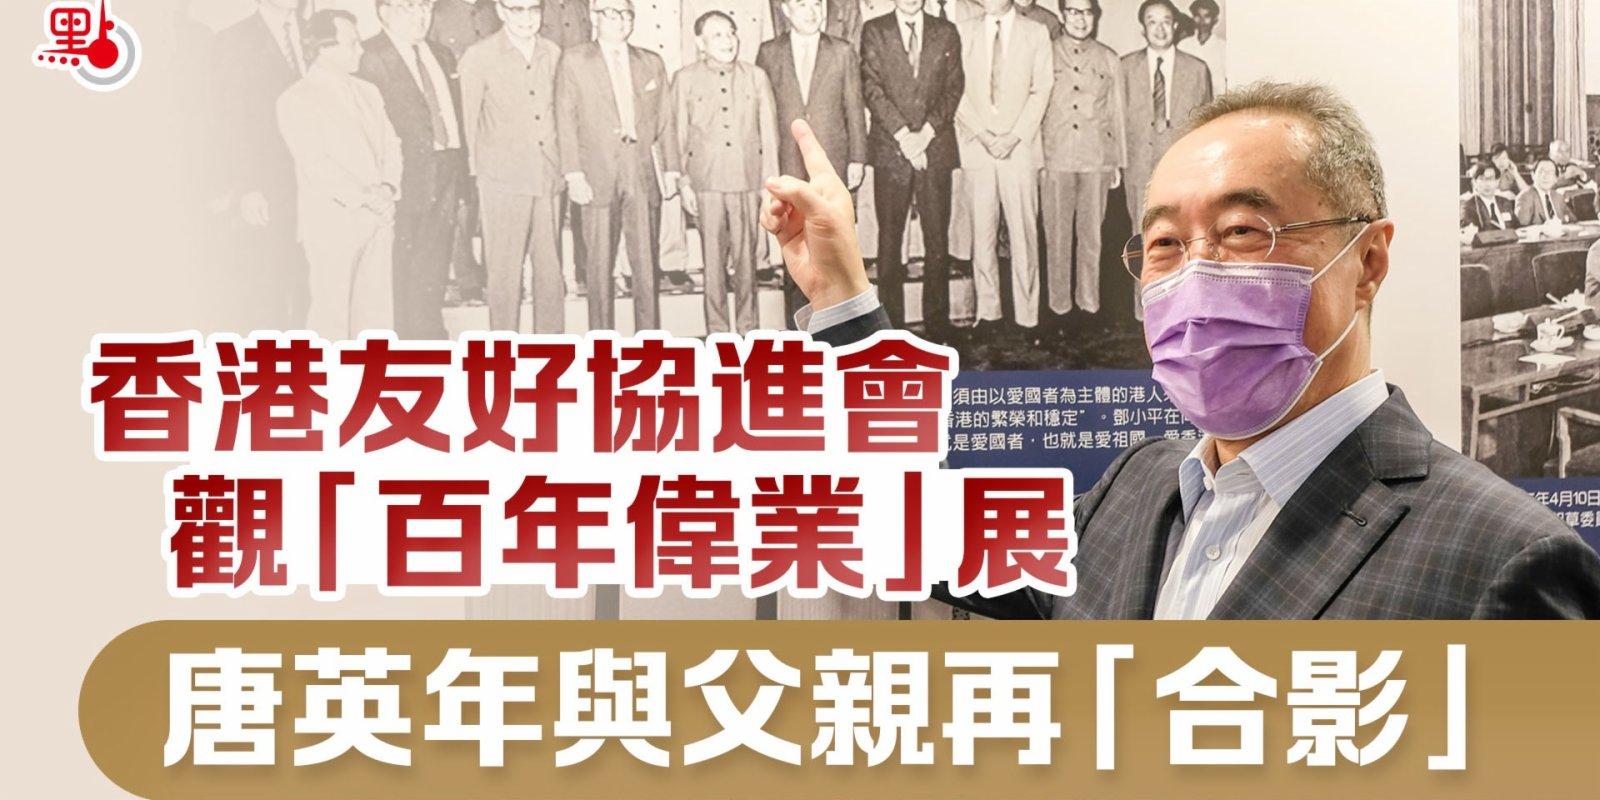 香港友好協進會觀「百年偉業」展 唐英年與父親再「合影」